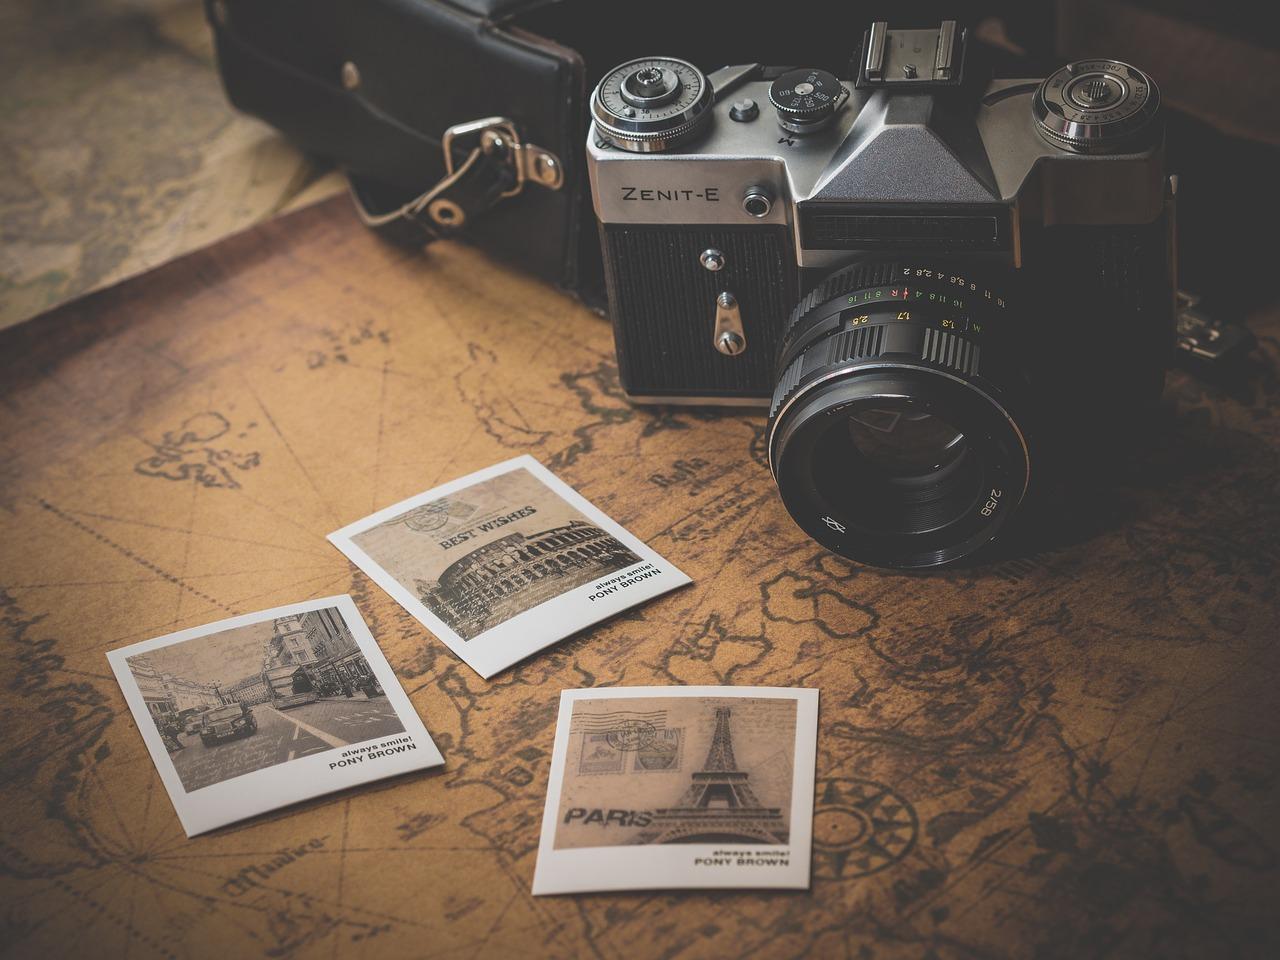 Risparmiare viaggiando